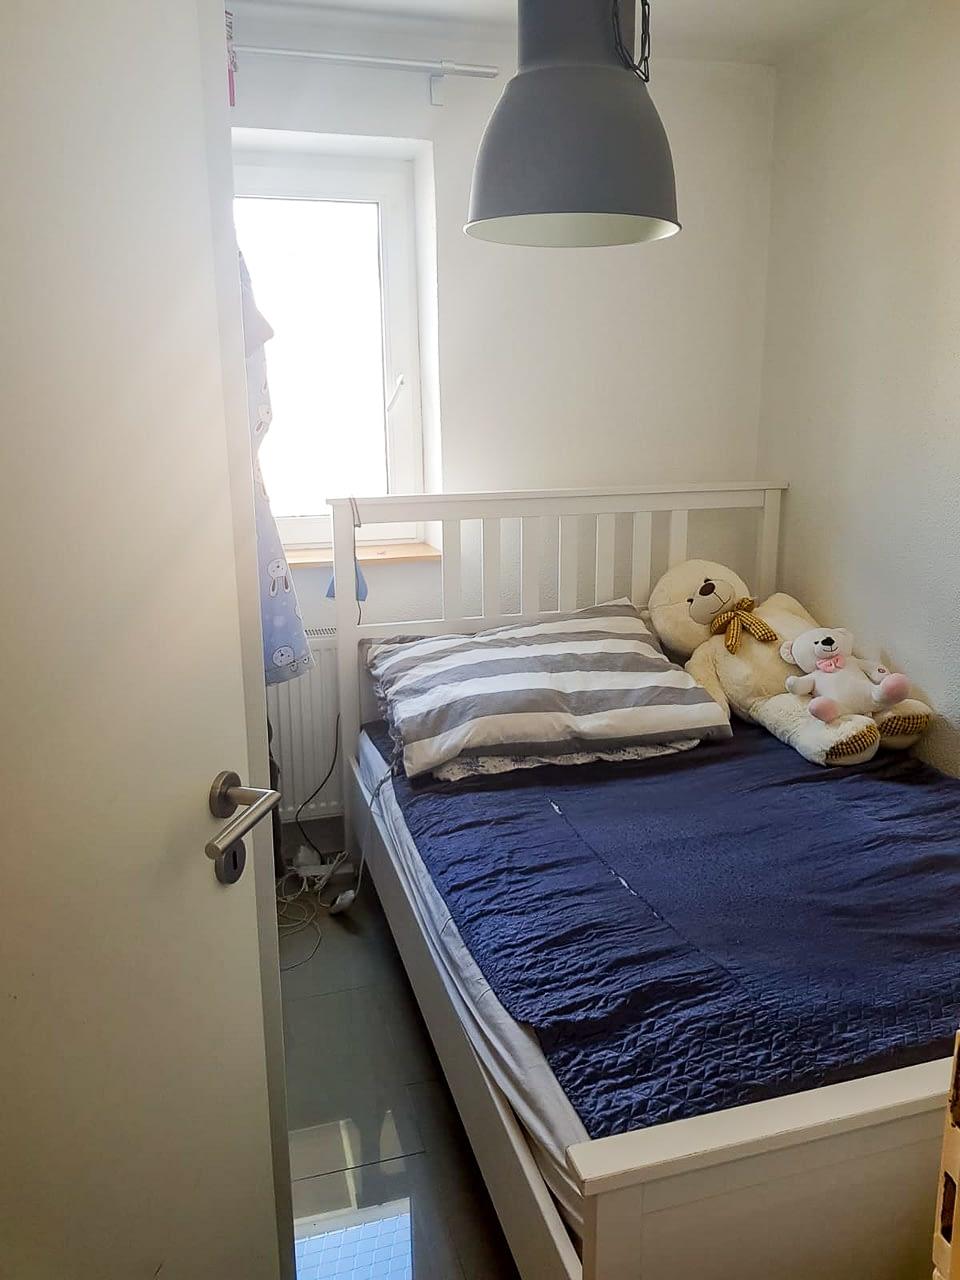 Wohnungsverkauf Neu-Ulm - Kinderzimmer